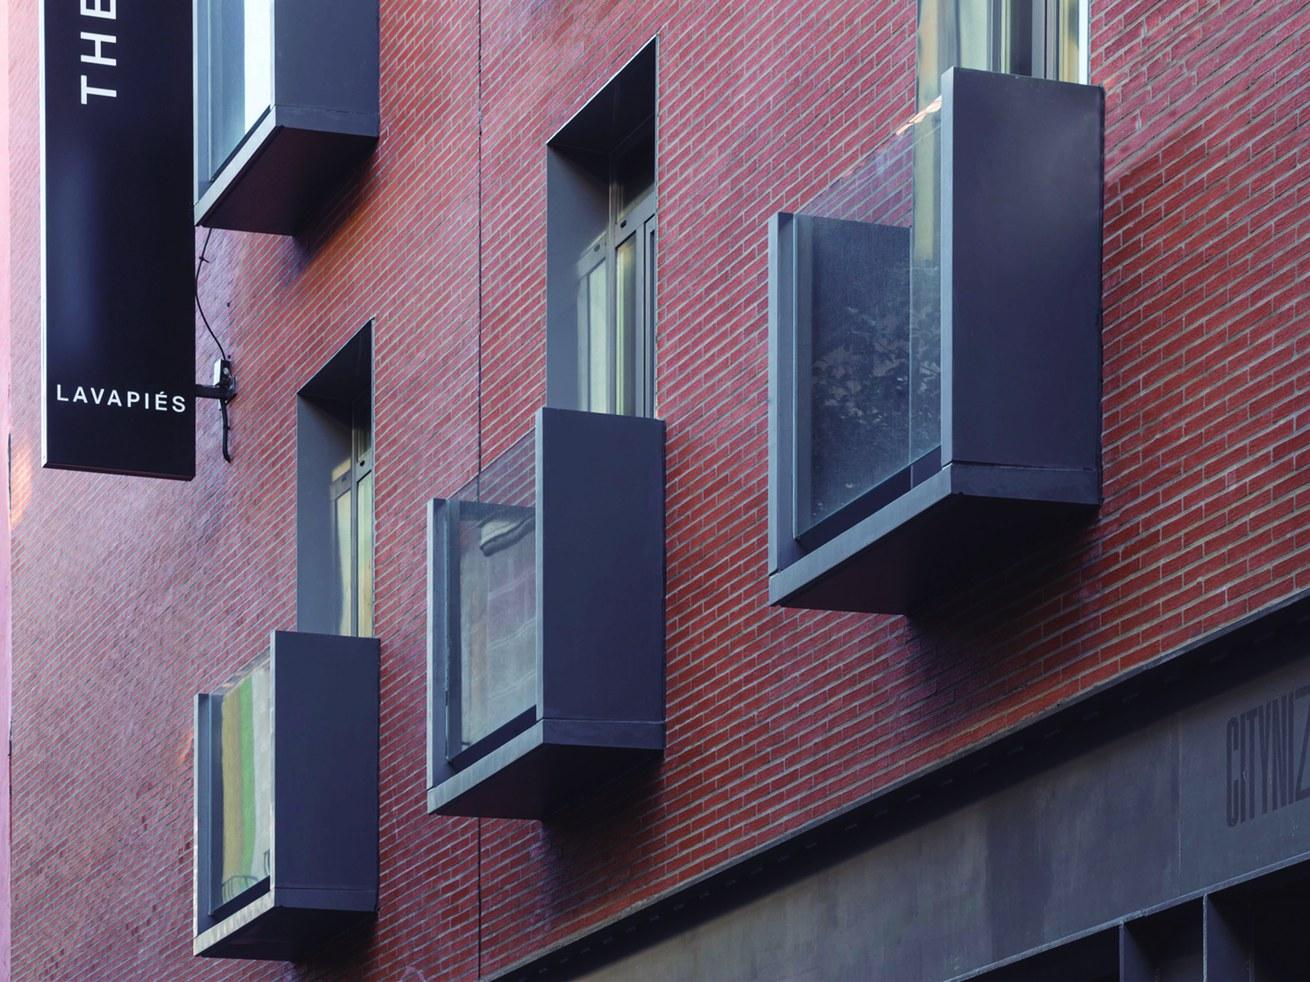 Aurrez fabrikatutako balkoi modernoa Madrileko Central House ostaturako